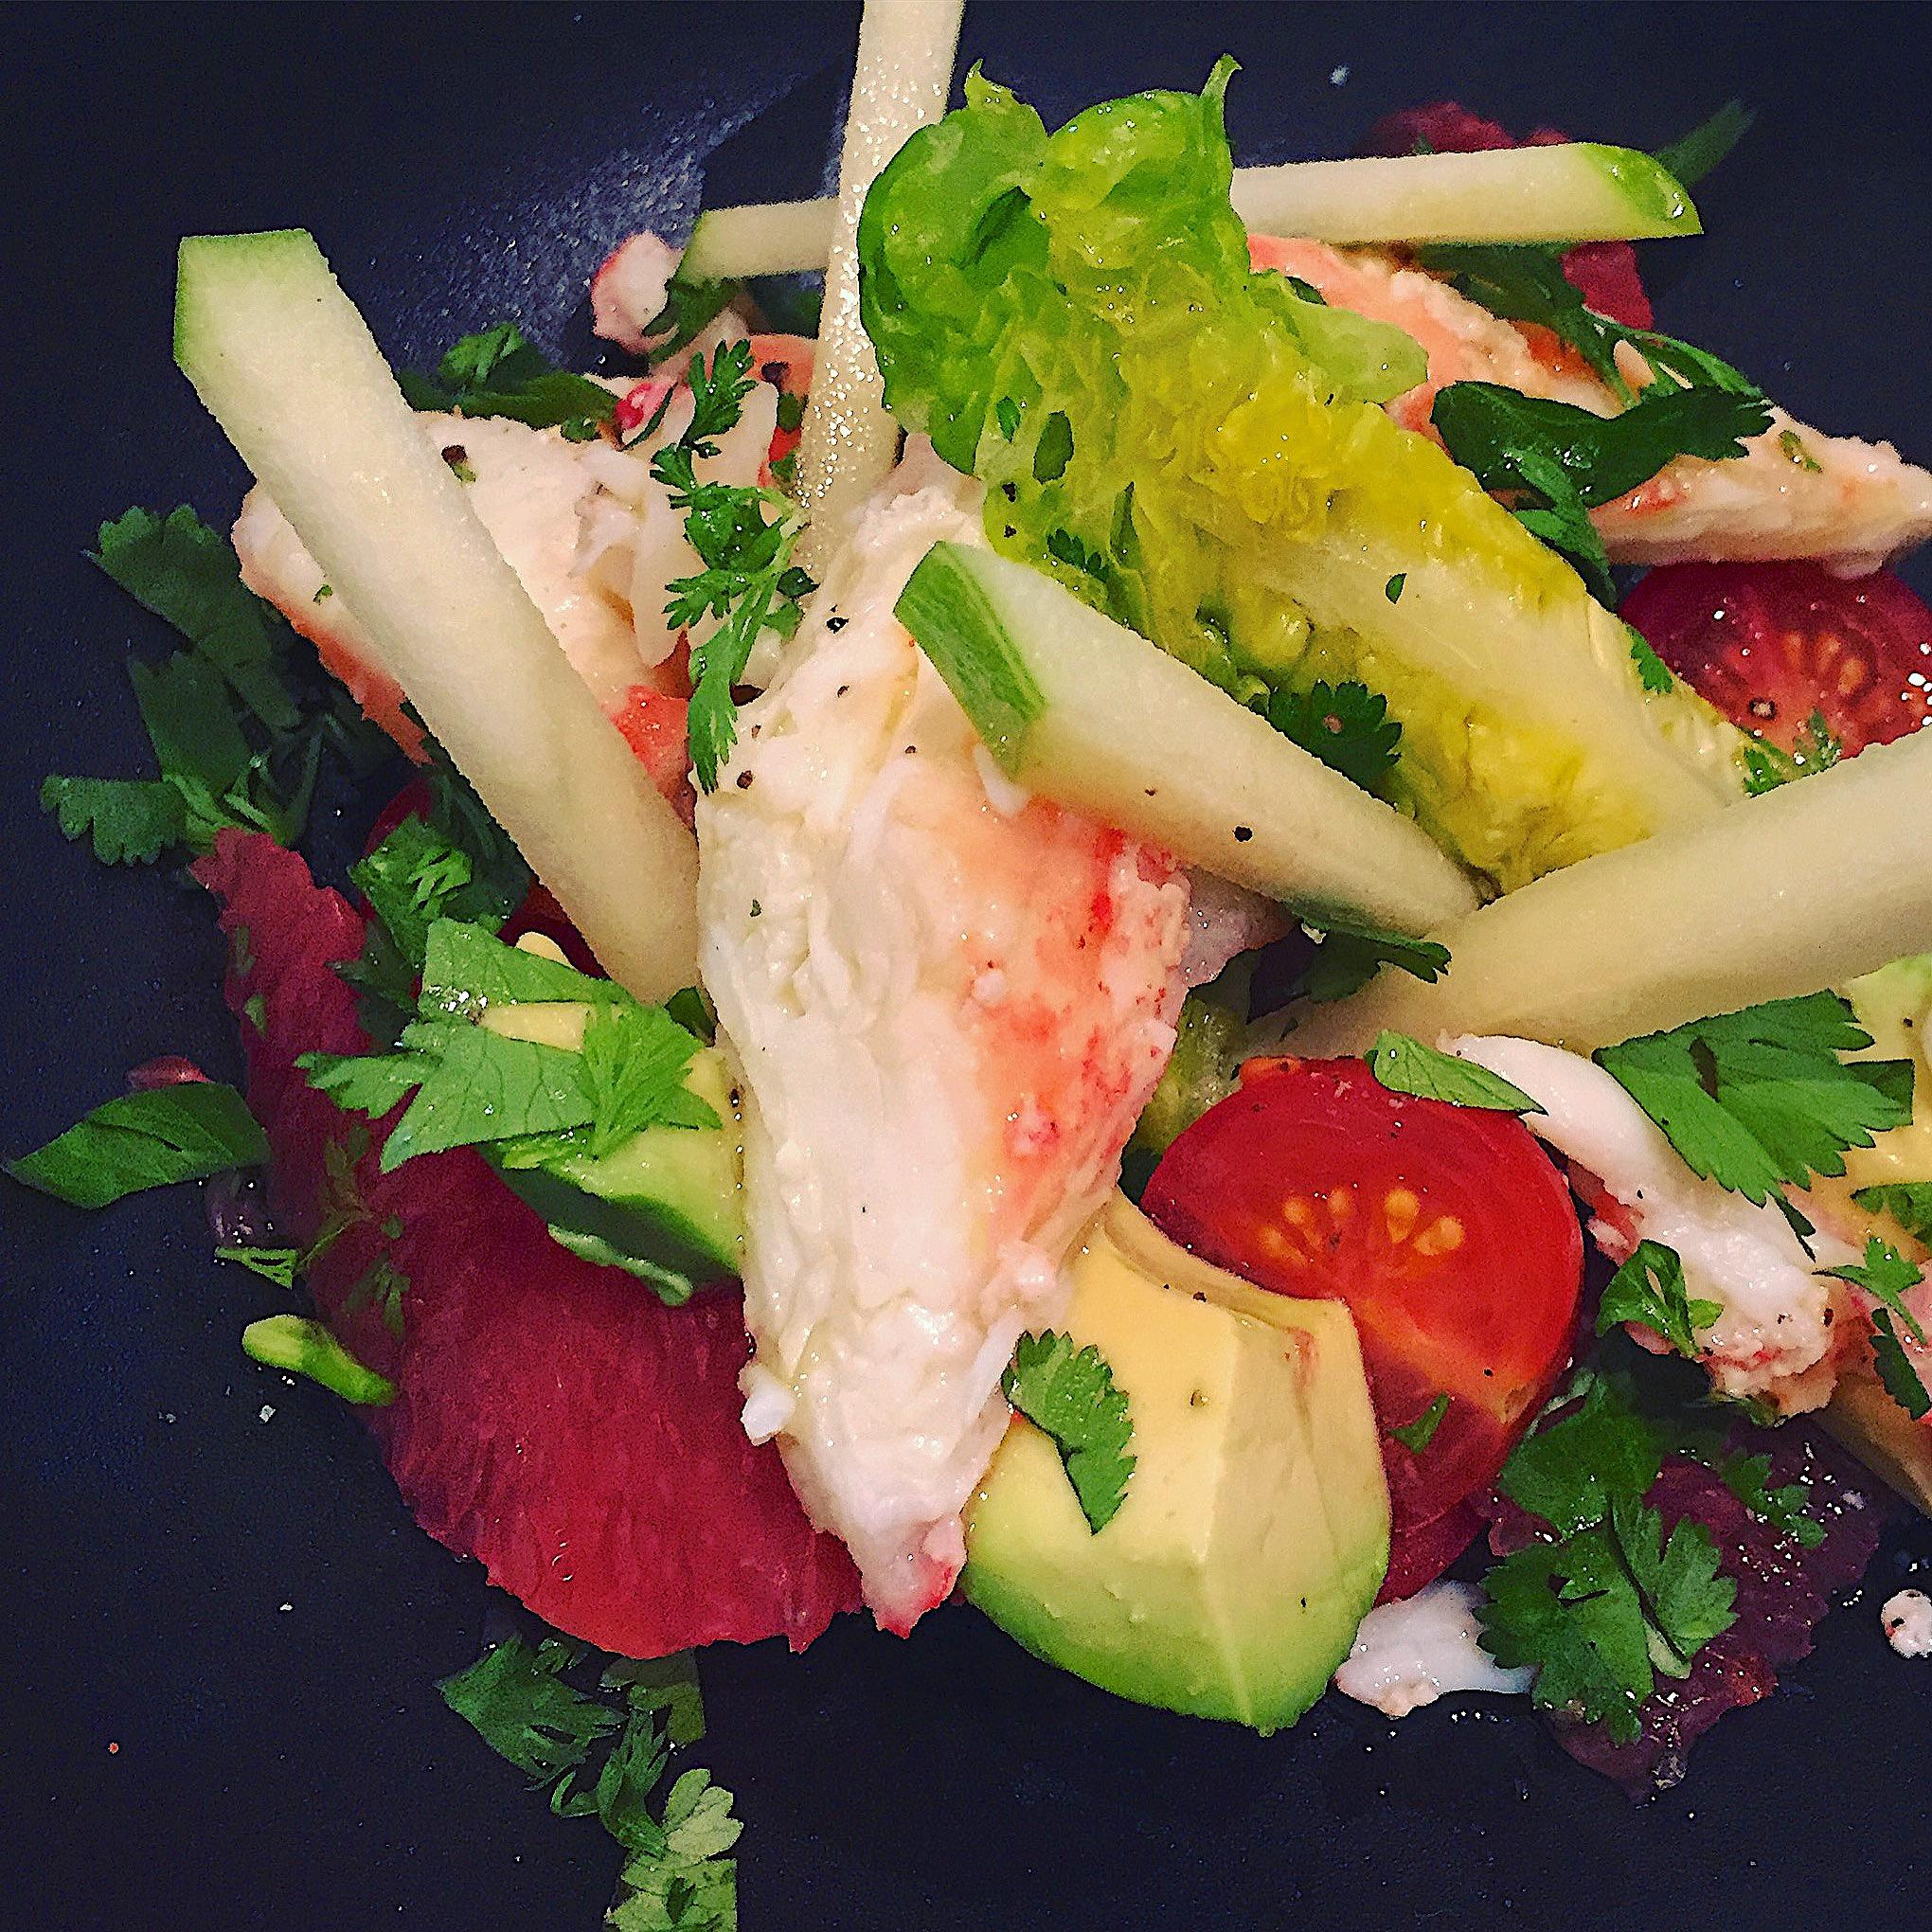 Le Drugstore - Crab, avocado, grapefruit salad @Alexander Lobrano